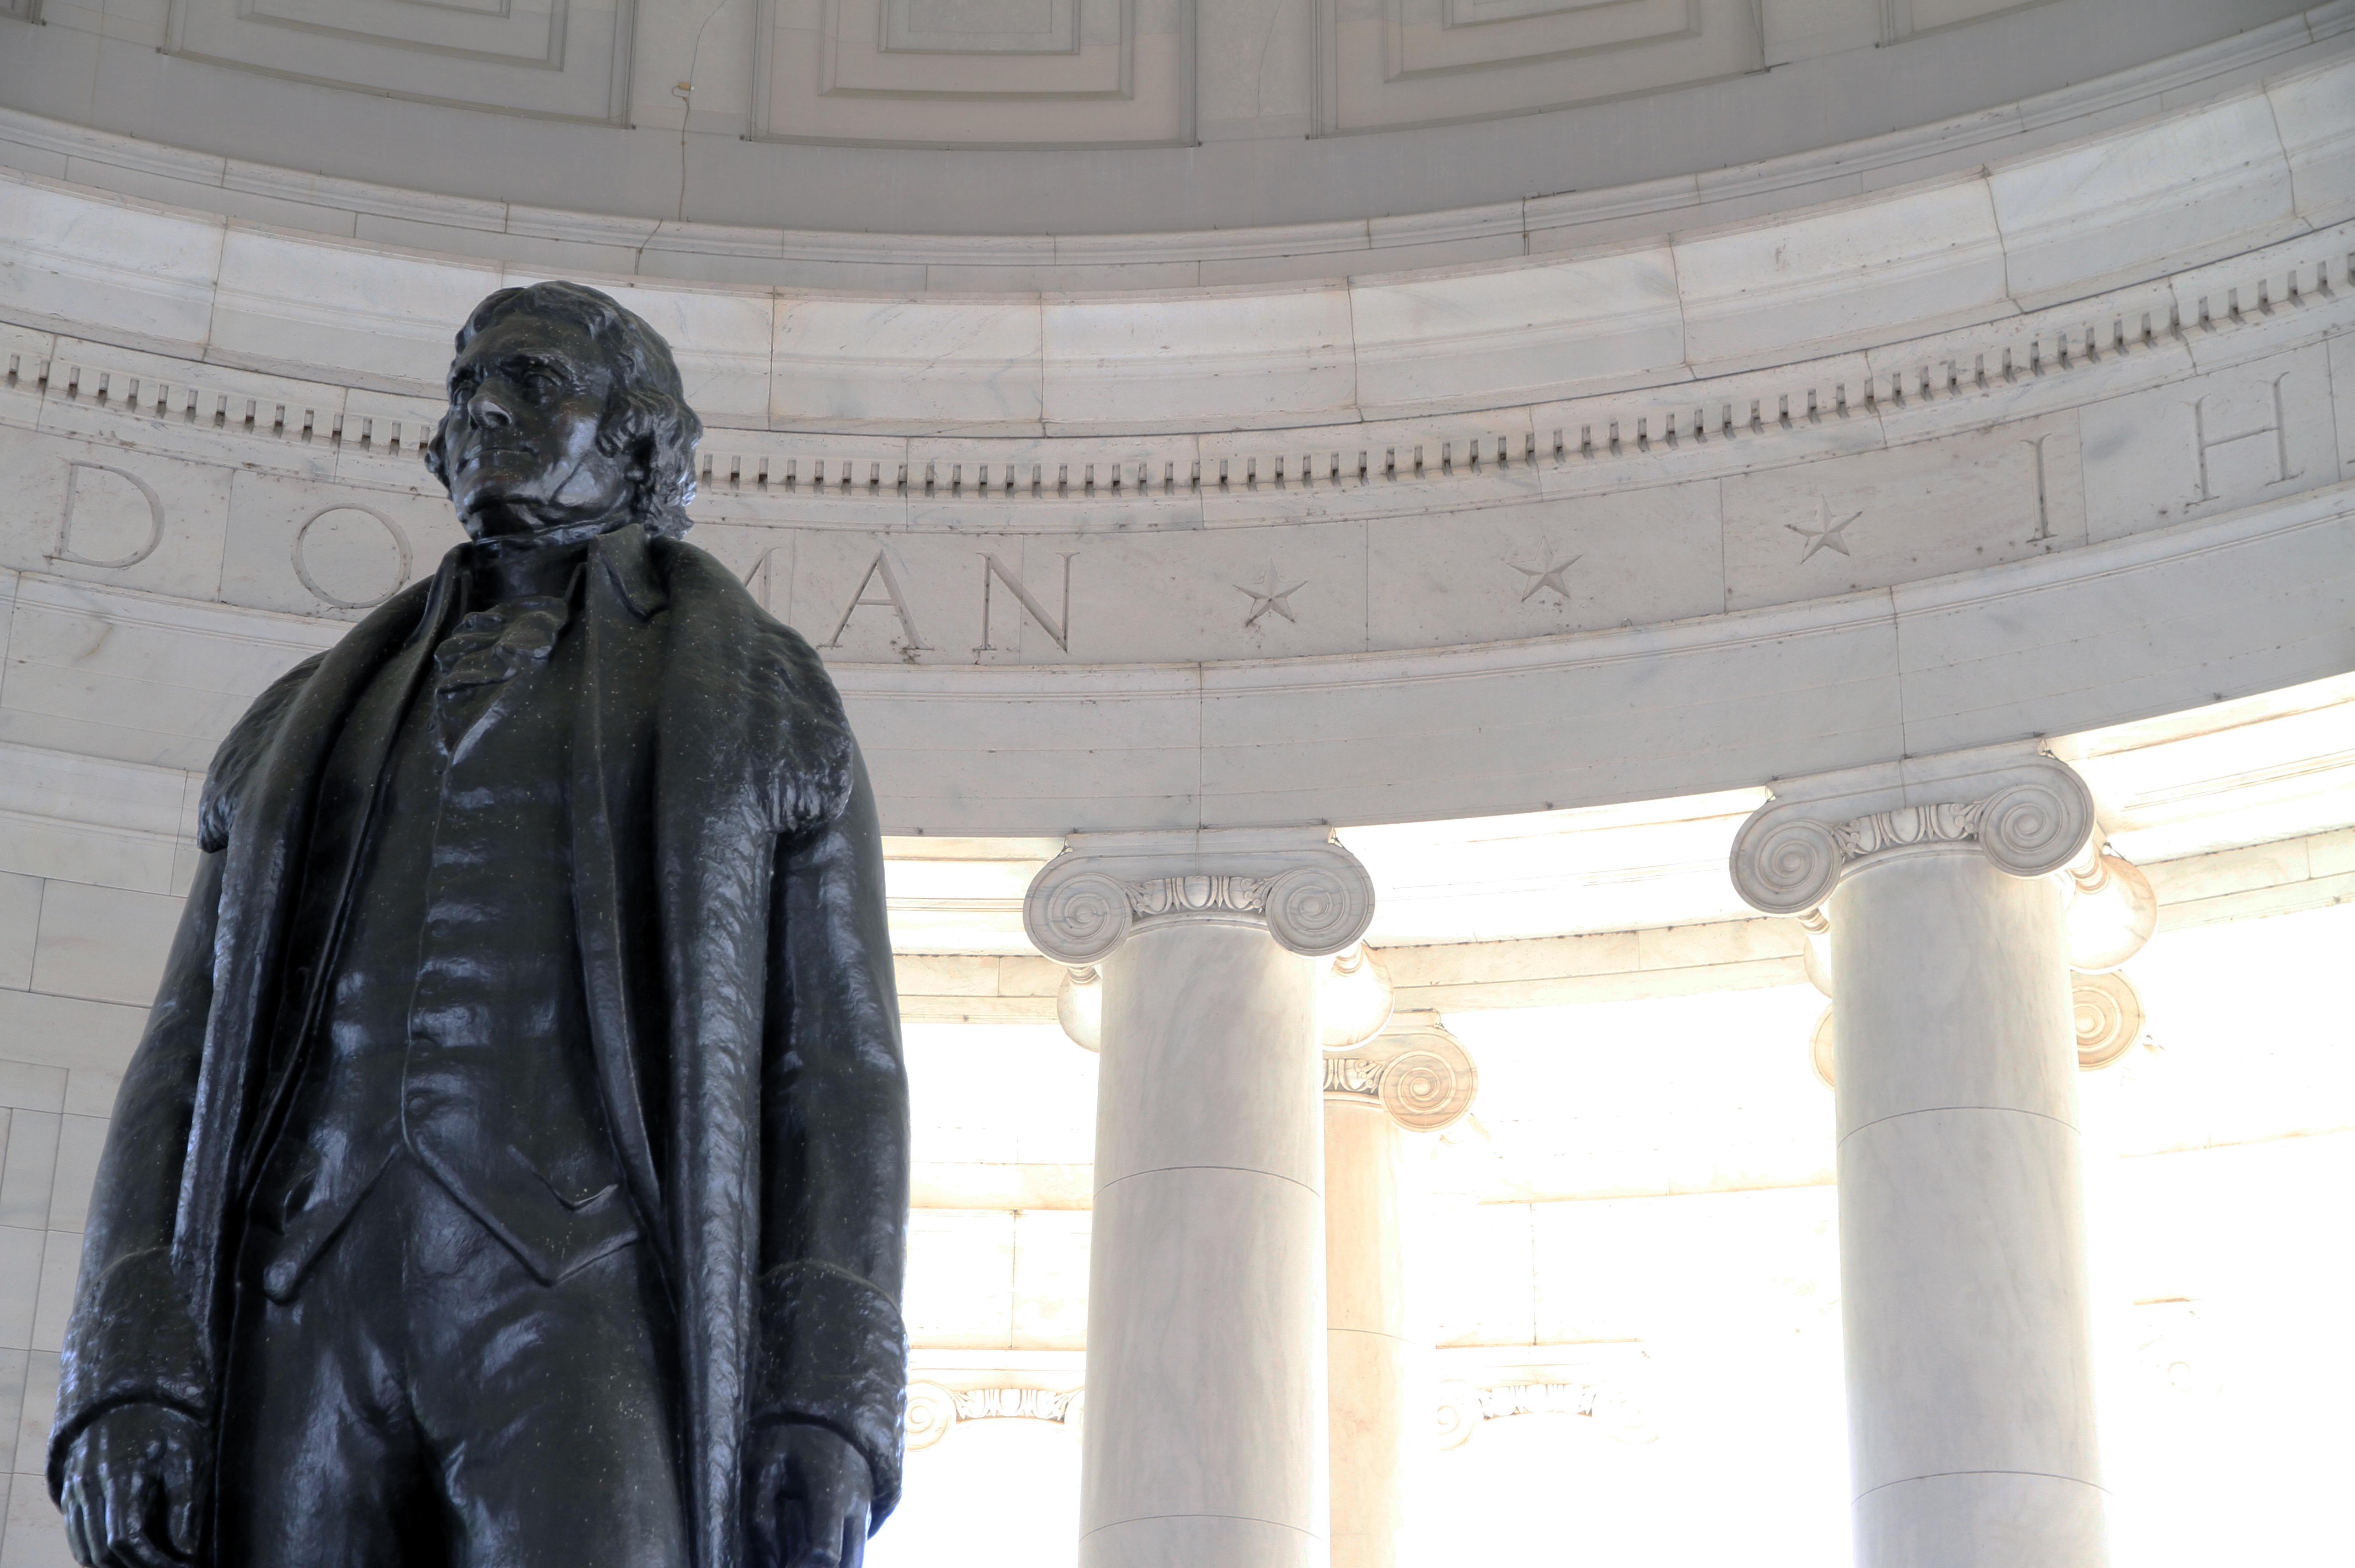 Statuia de bronz a unuia din părinții fondatori ai Statelor Unite